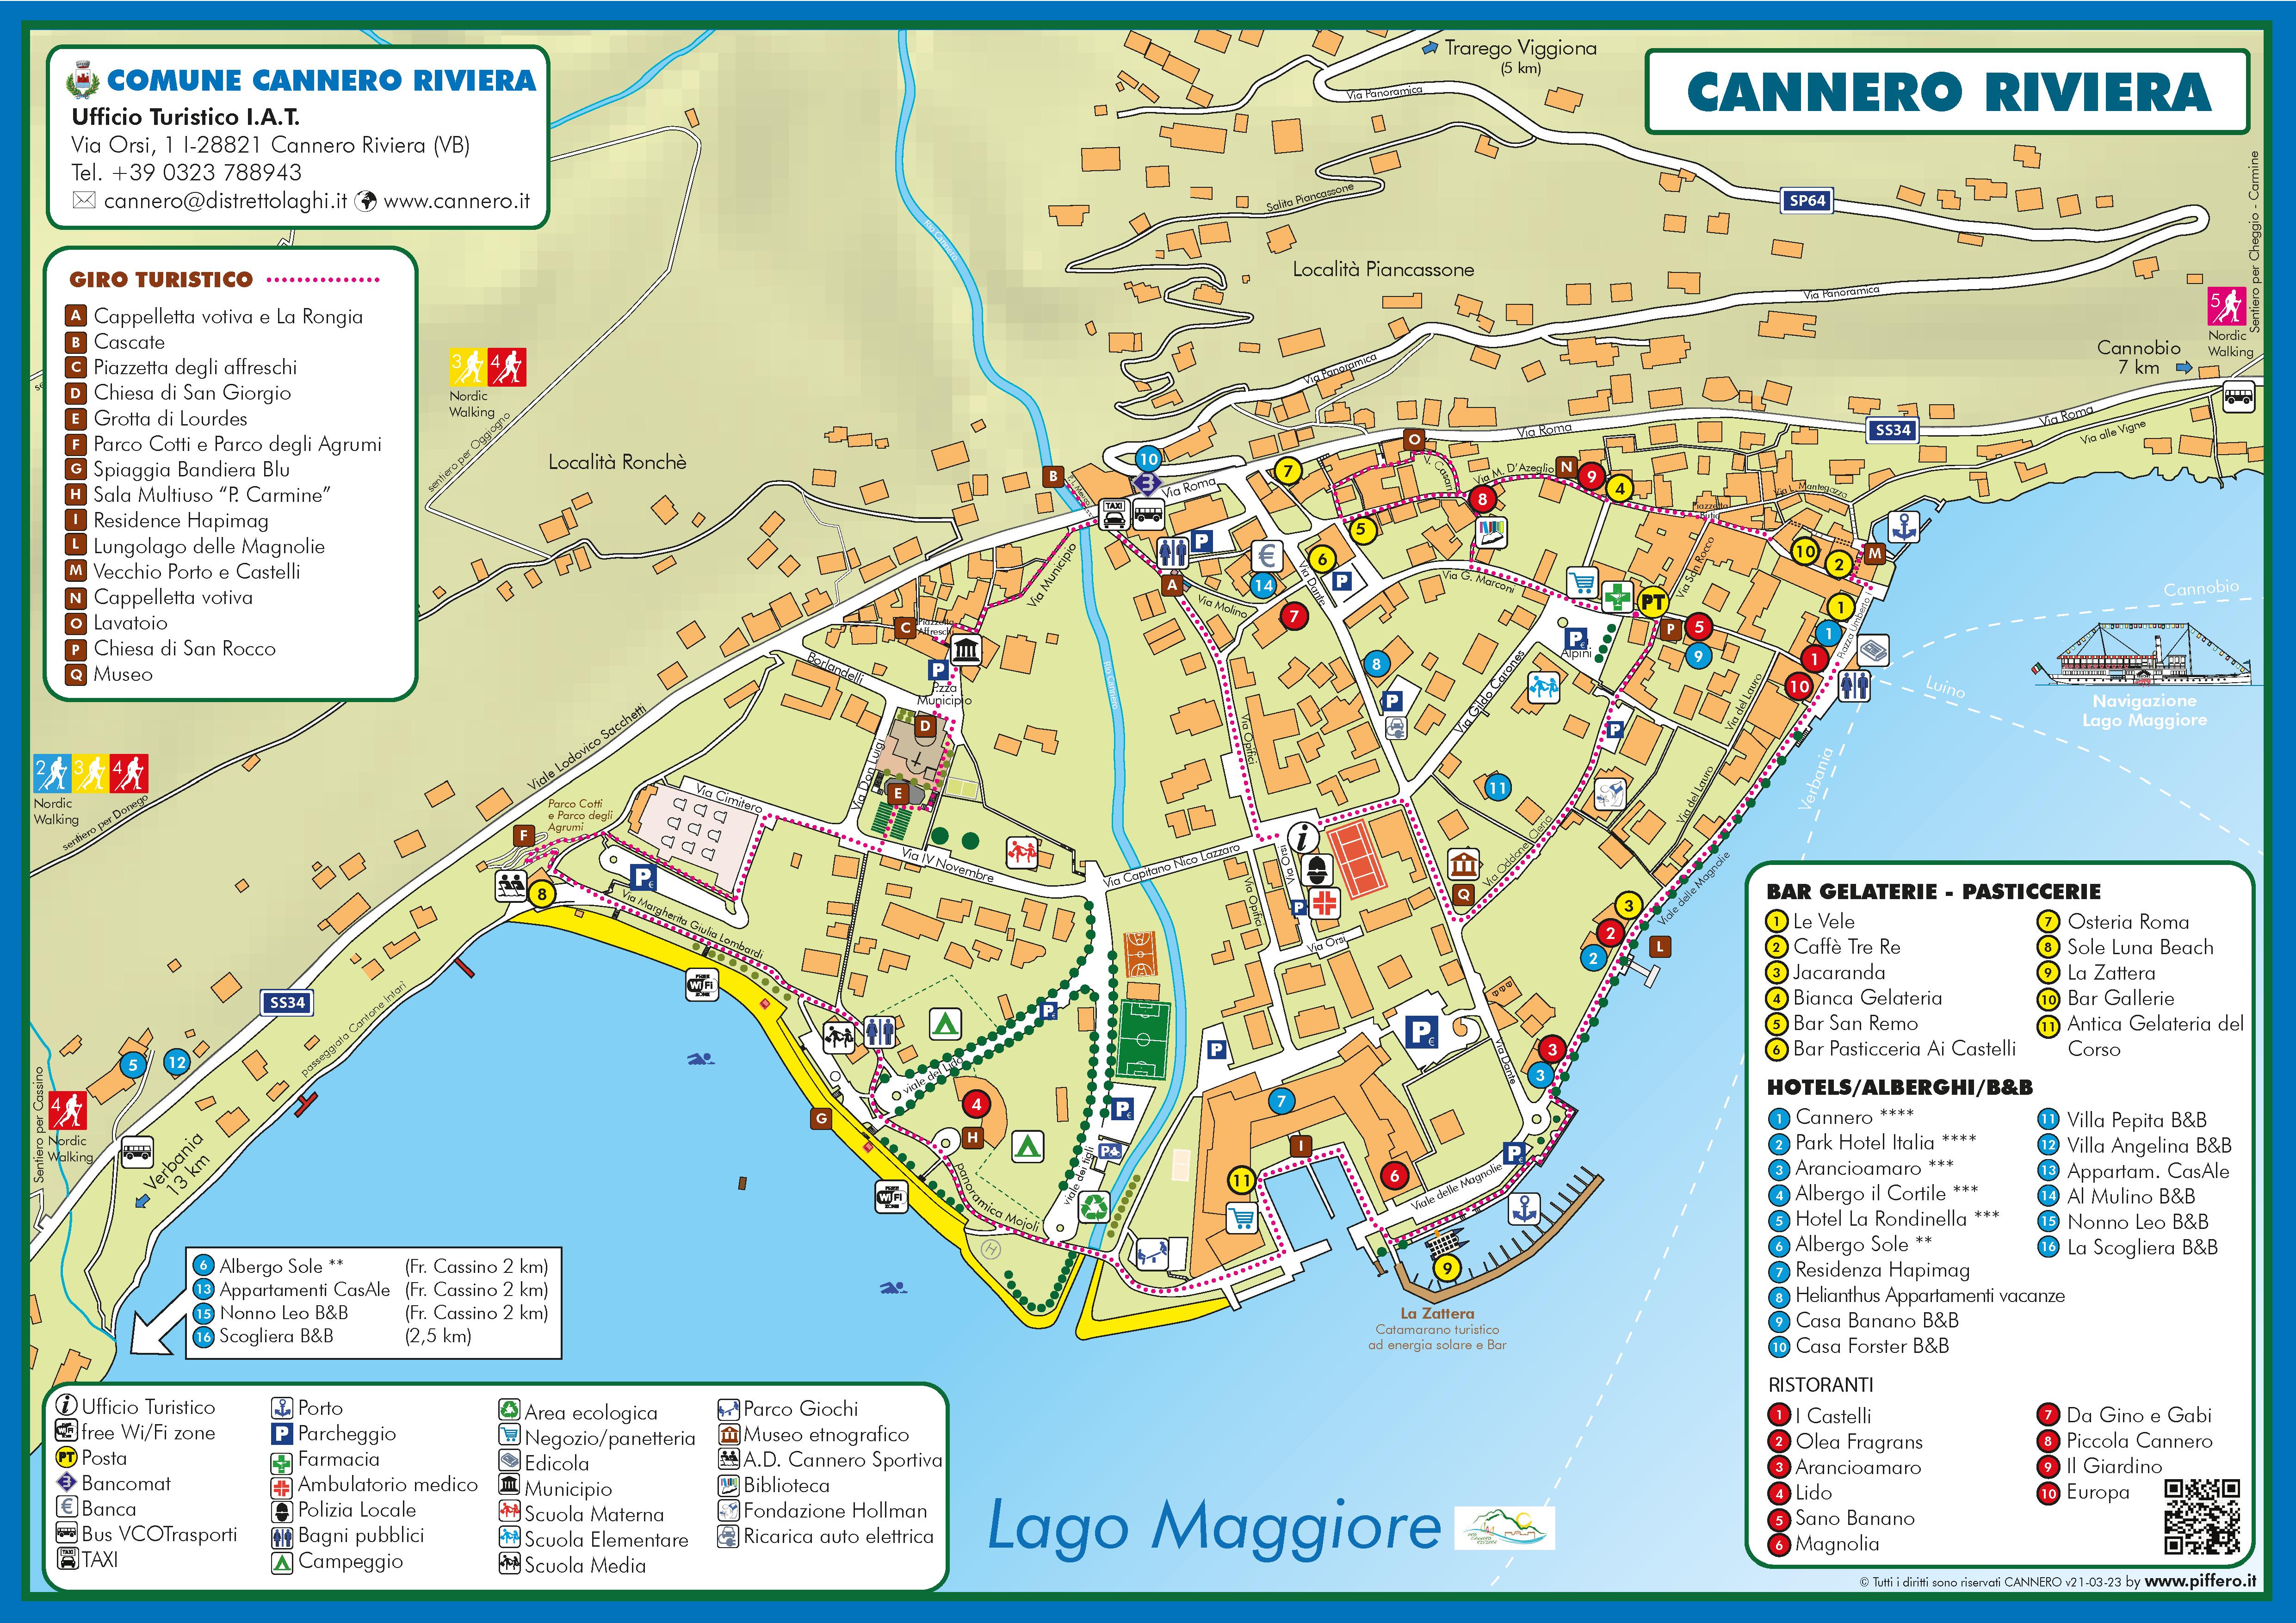 Mappa Cannero Riviera